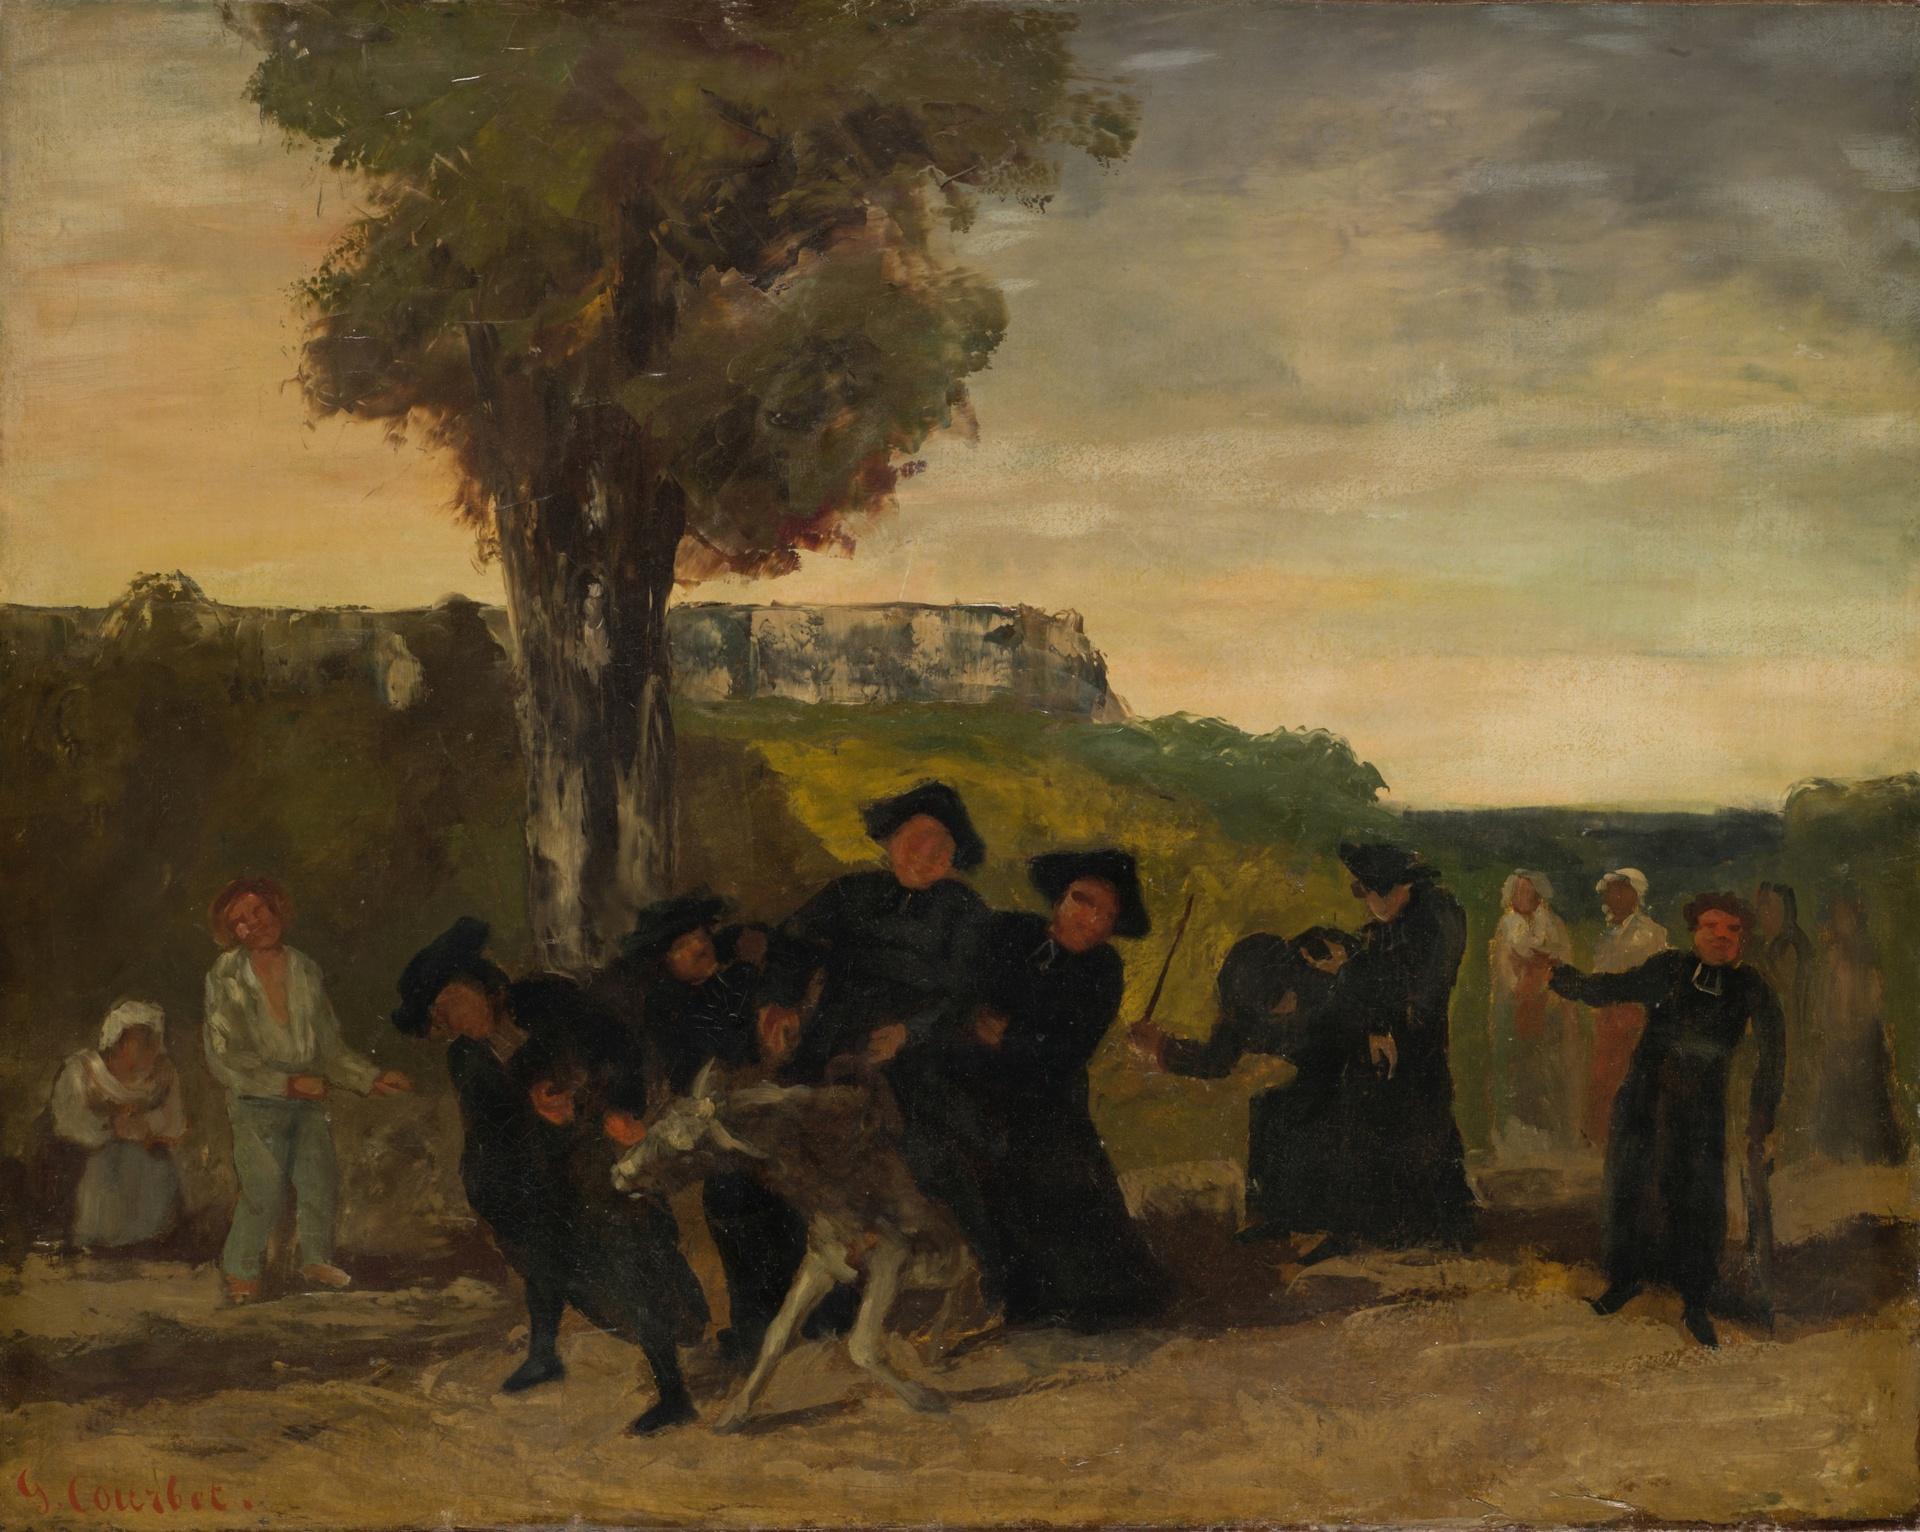 Gustave Courbet (?), Le retour de la conférence, 1863. Kunstmuseum Basel